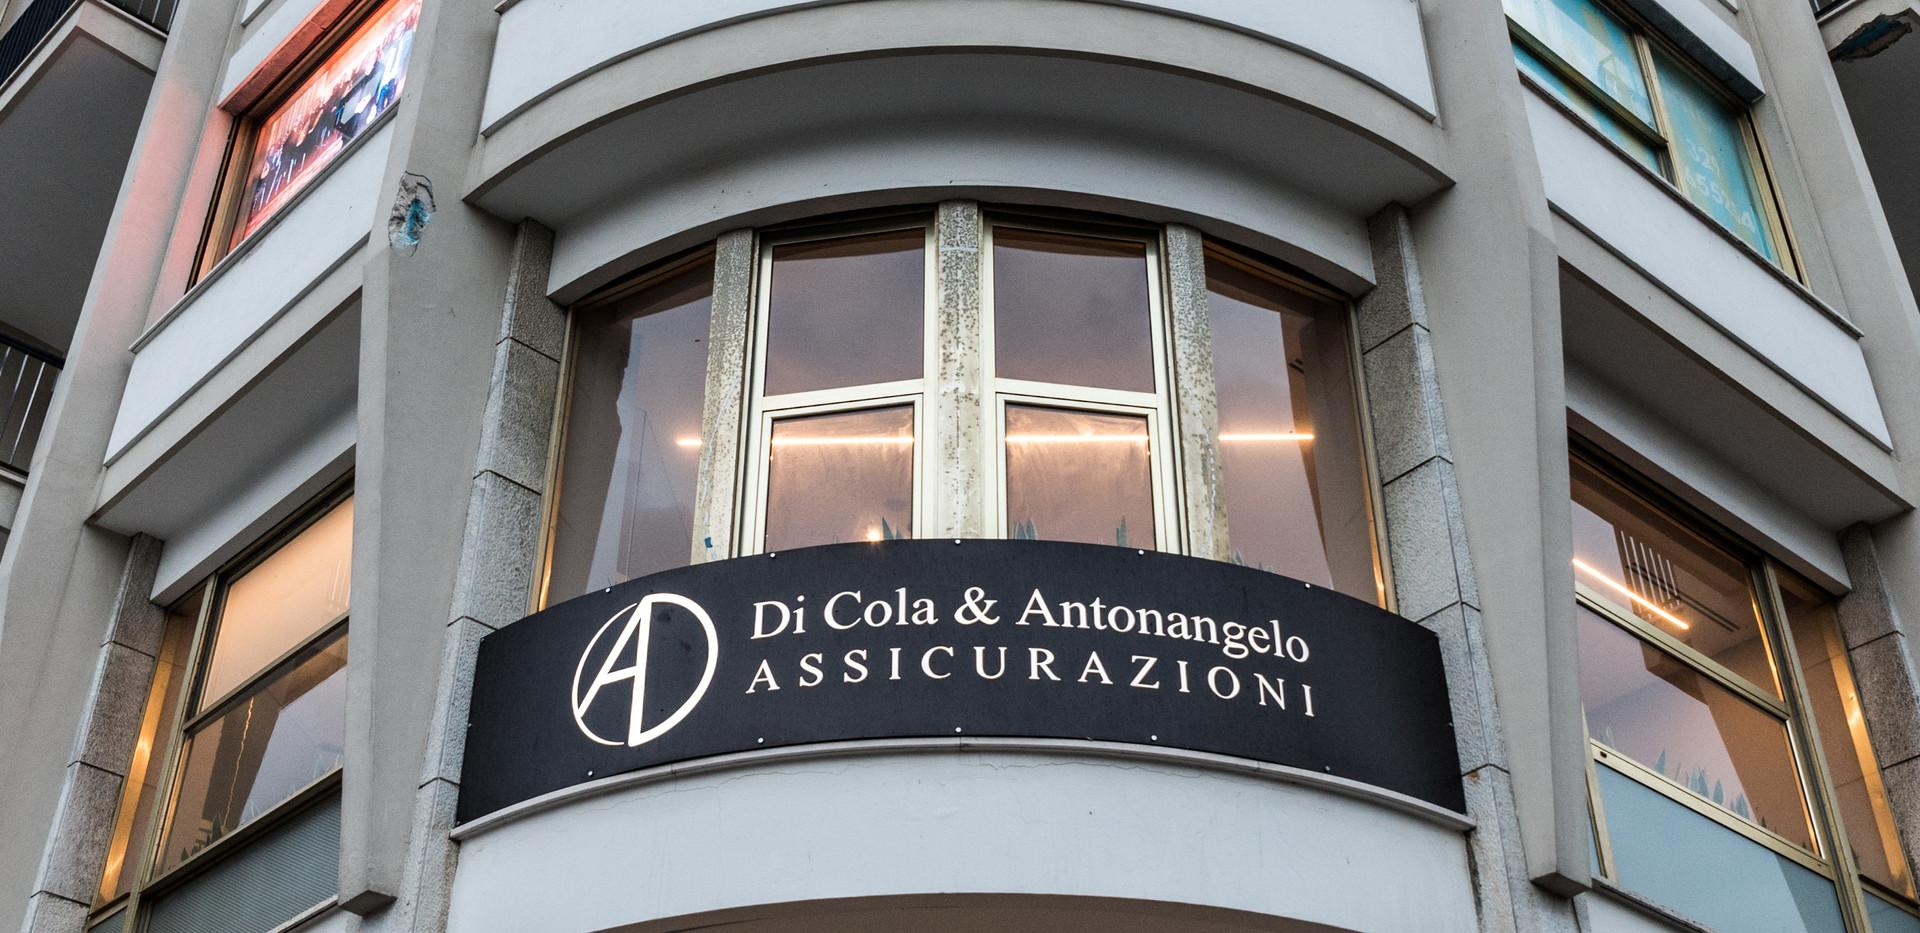 Assicurazioni Di Cola & Antonangelo